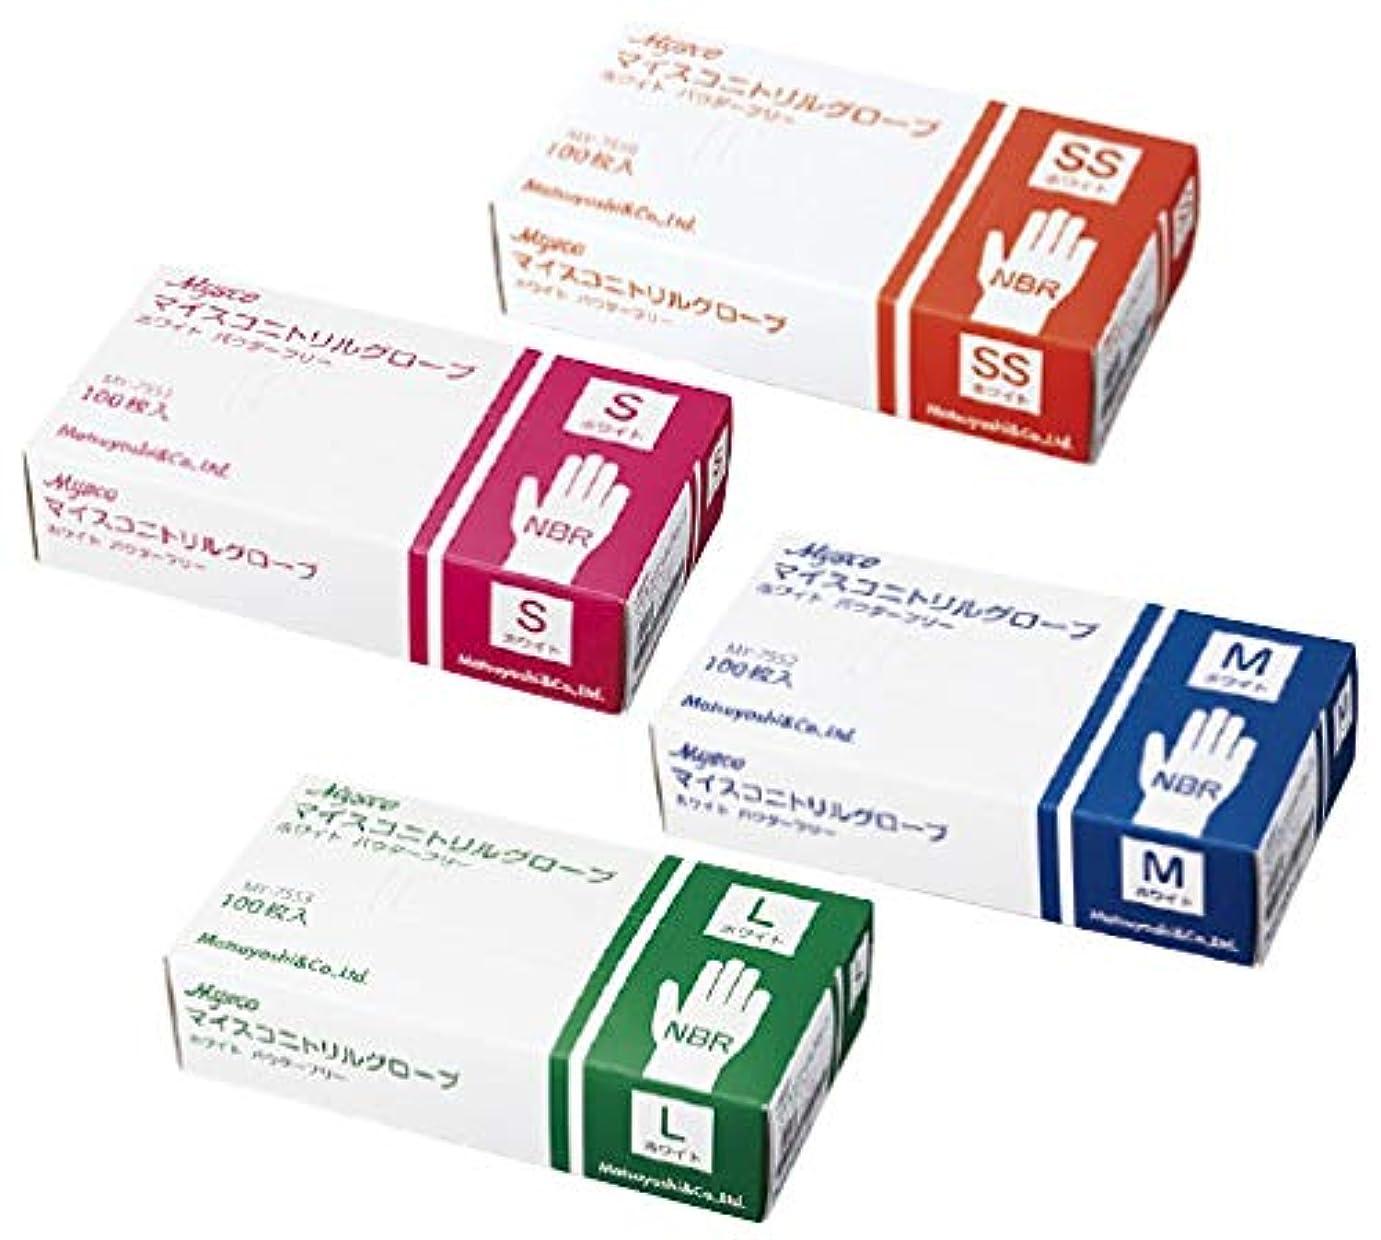 ダンプいとこ入るマイスコ ニトリルグローブ ホワイト 粉なし M 100枚入り 3箱